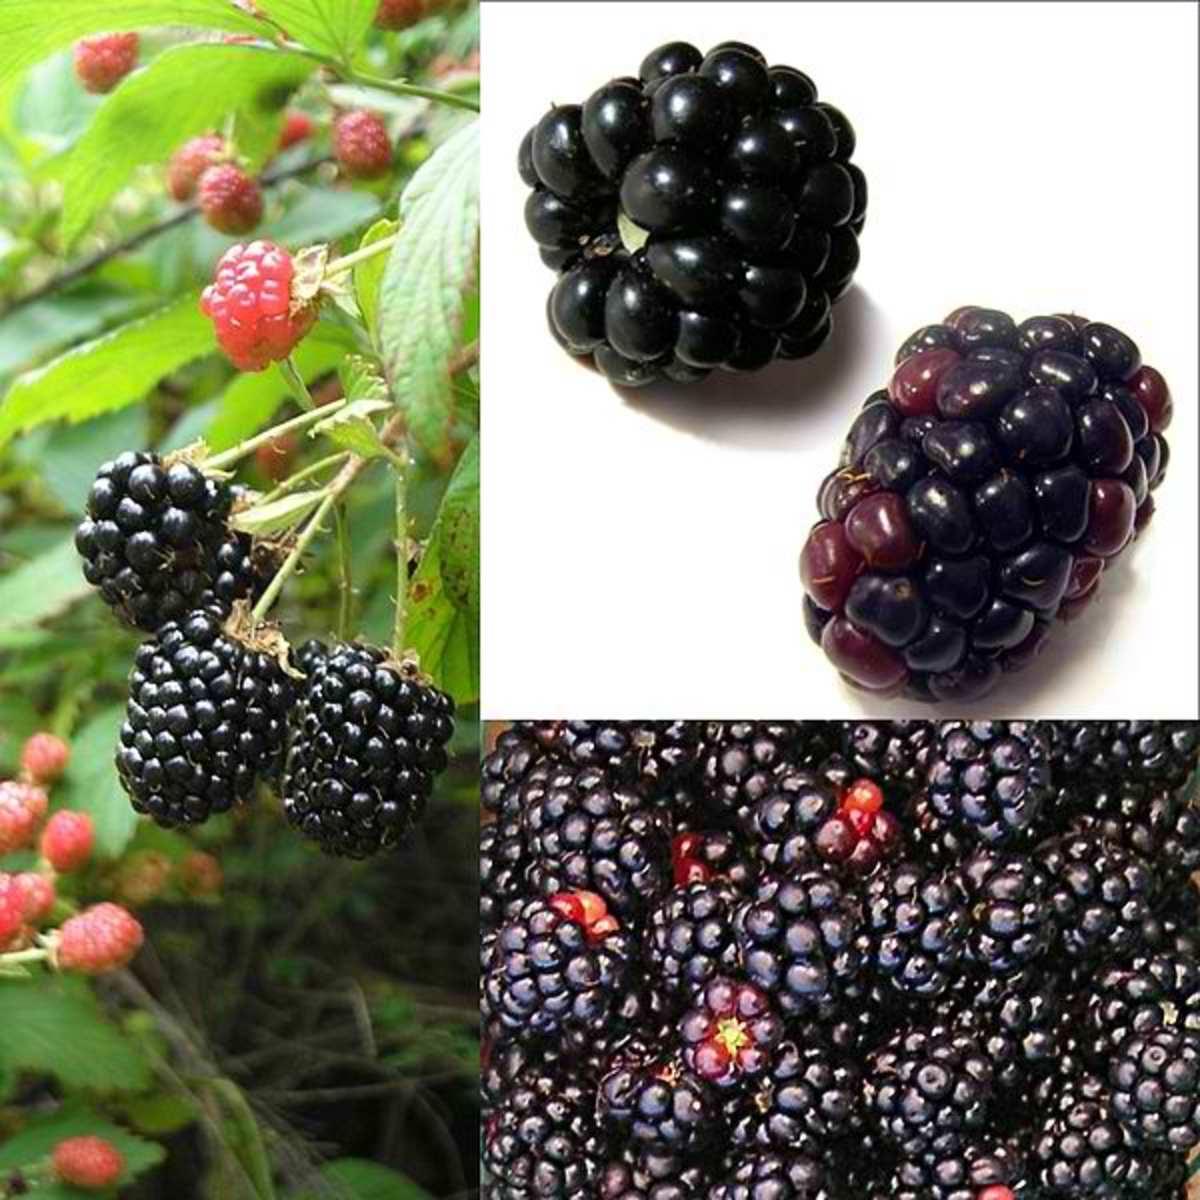 Rubus fruticosus| Montages of food